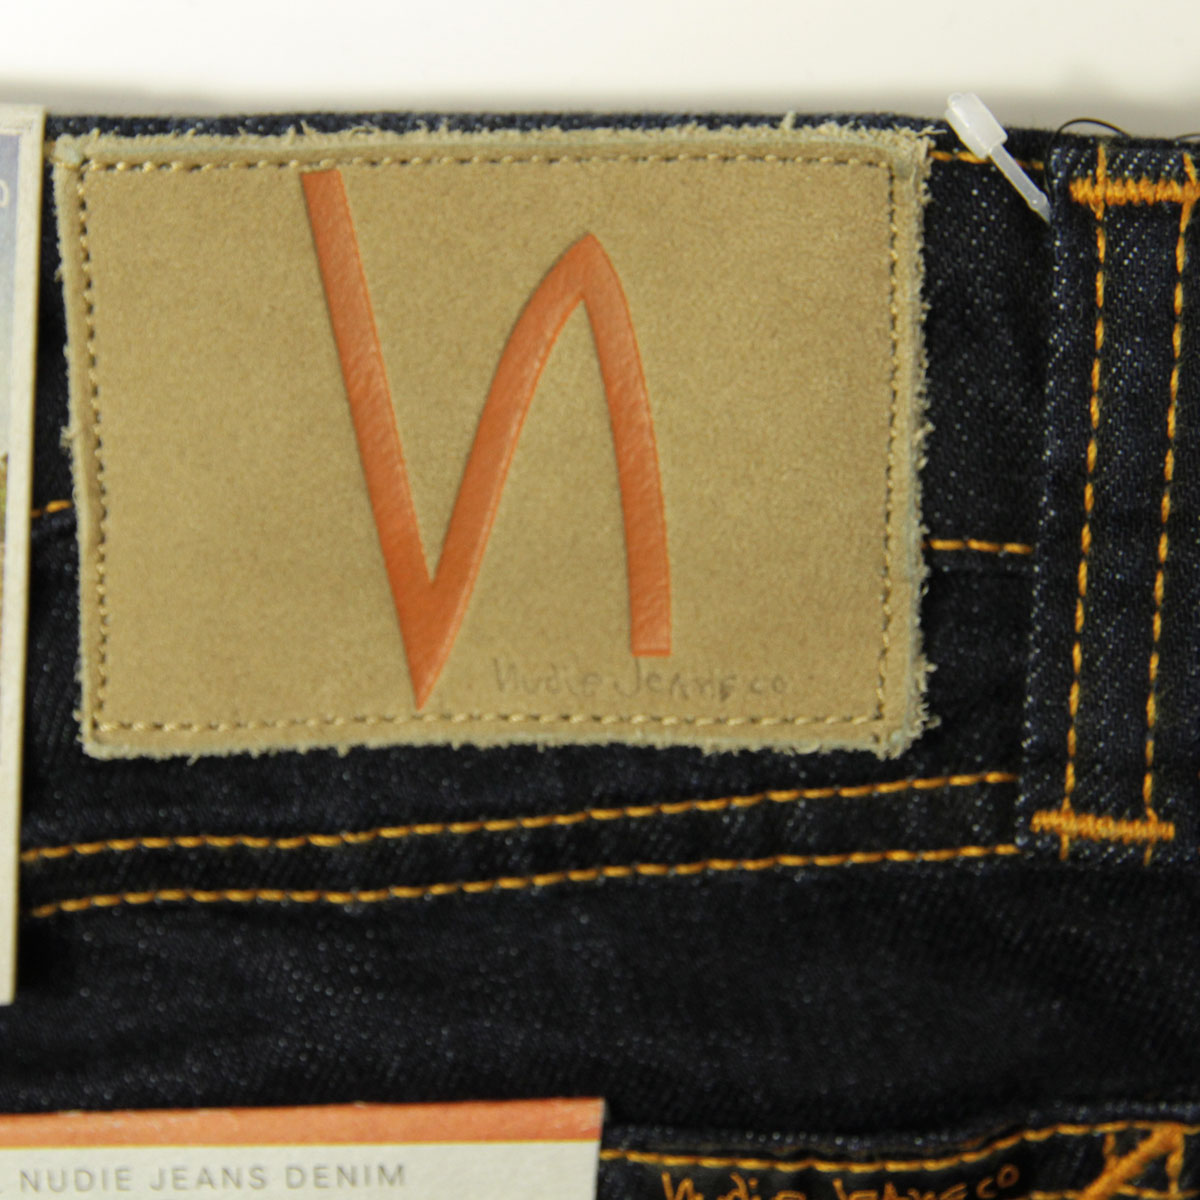 ヌーディージーンズ ジーンズ メンズ 正規販売店 Nudie Jeans ジーパン  スキニーリン SKINNY LIN JEANS DRY DEEP ORANGE 576 1120830 A62B B1C C2D D1E E06F